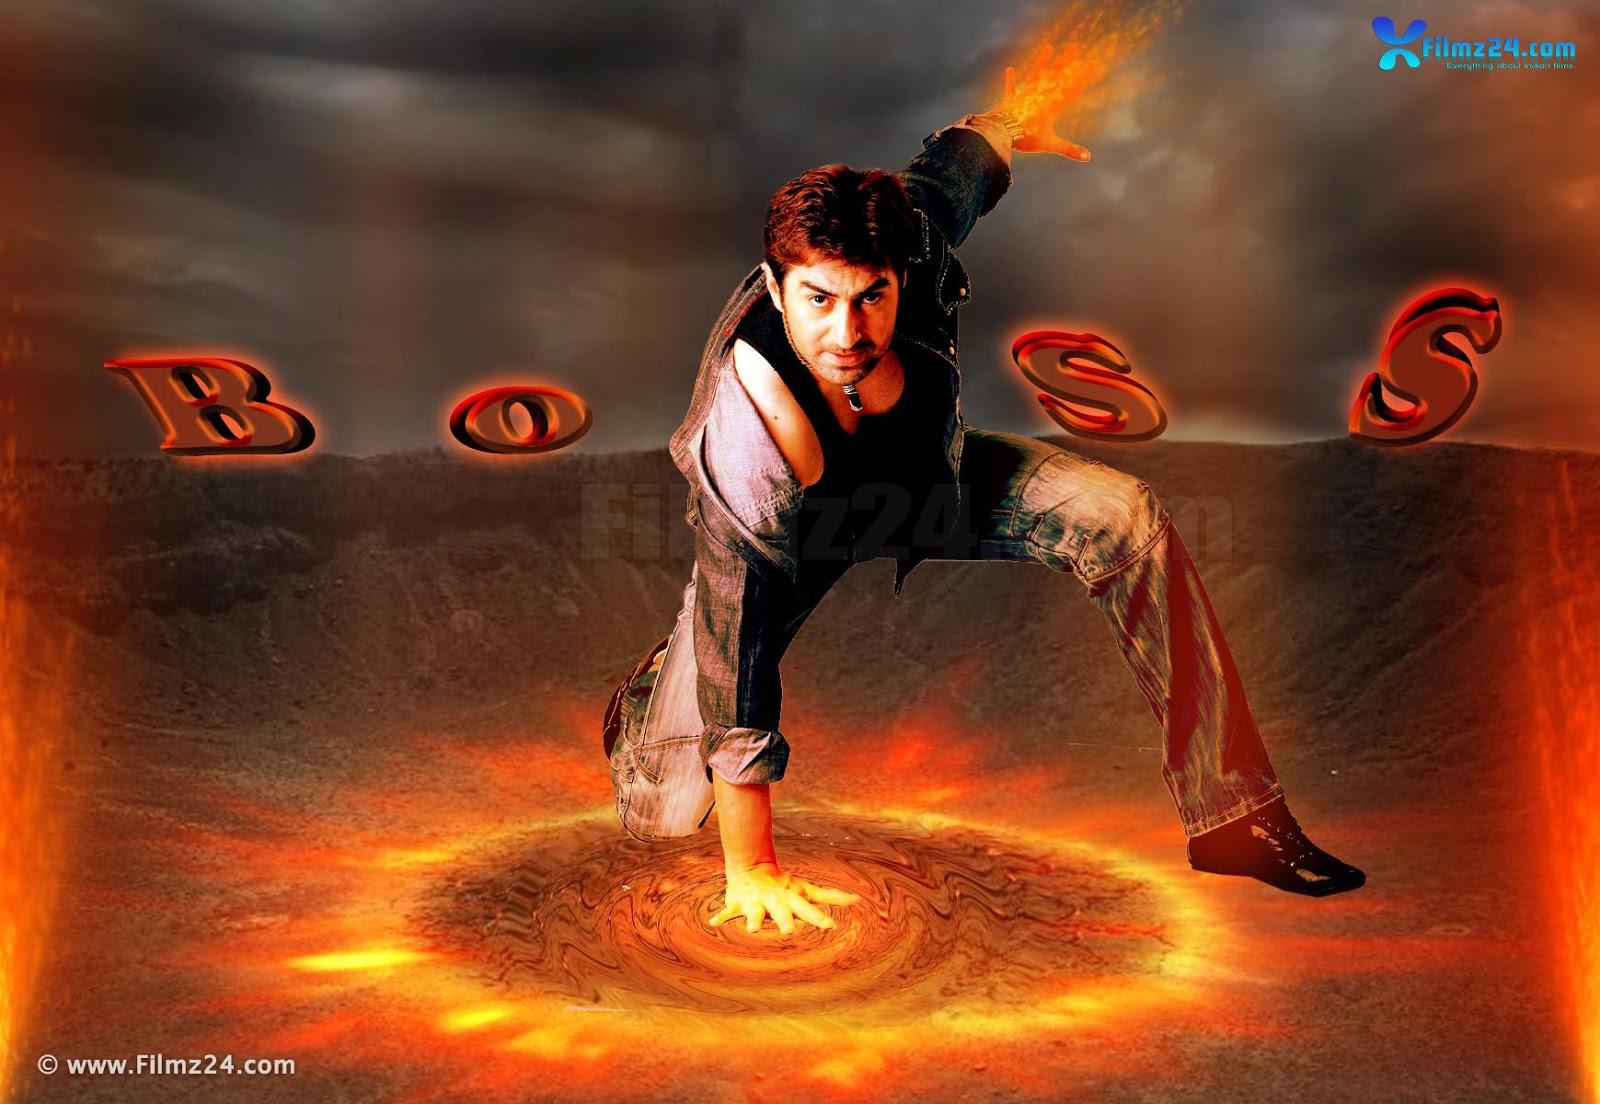 http://4.bp.blogspot.com/-LIgIlcEQr7U/UVPgTnGYDSI/AAAAAAAACKI/2cTq6eGZt-0/s1600/Jeet-Fire-Wallpaper.jpg